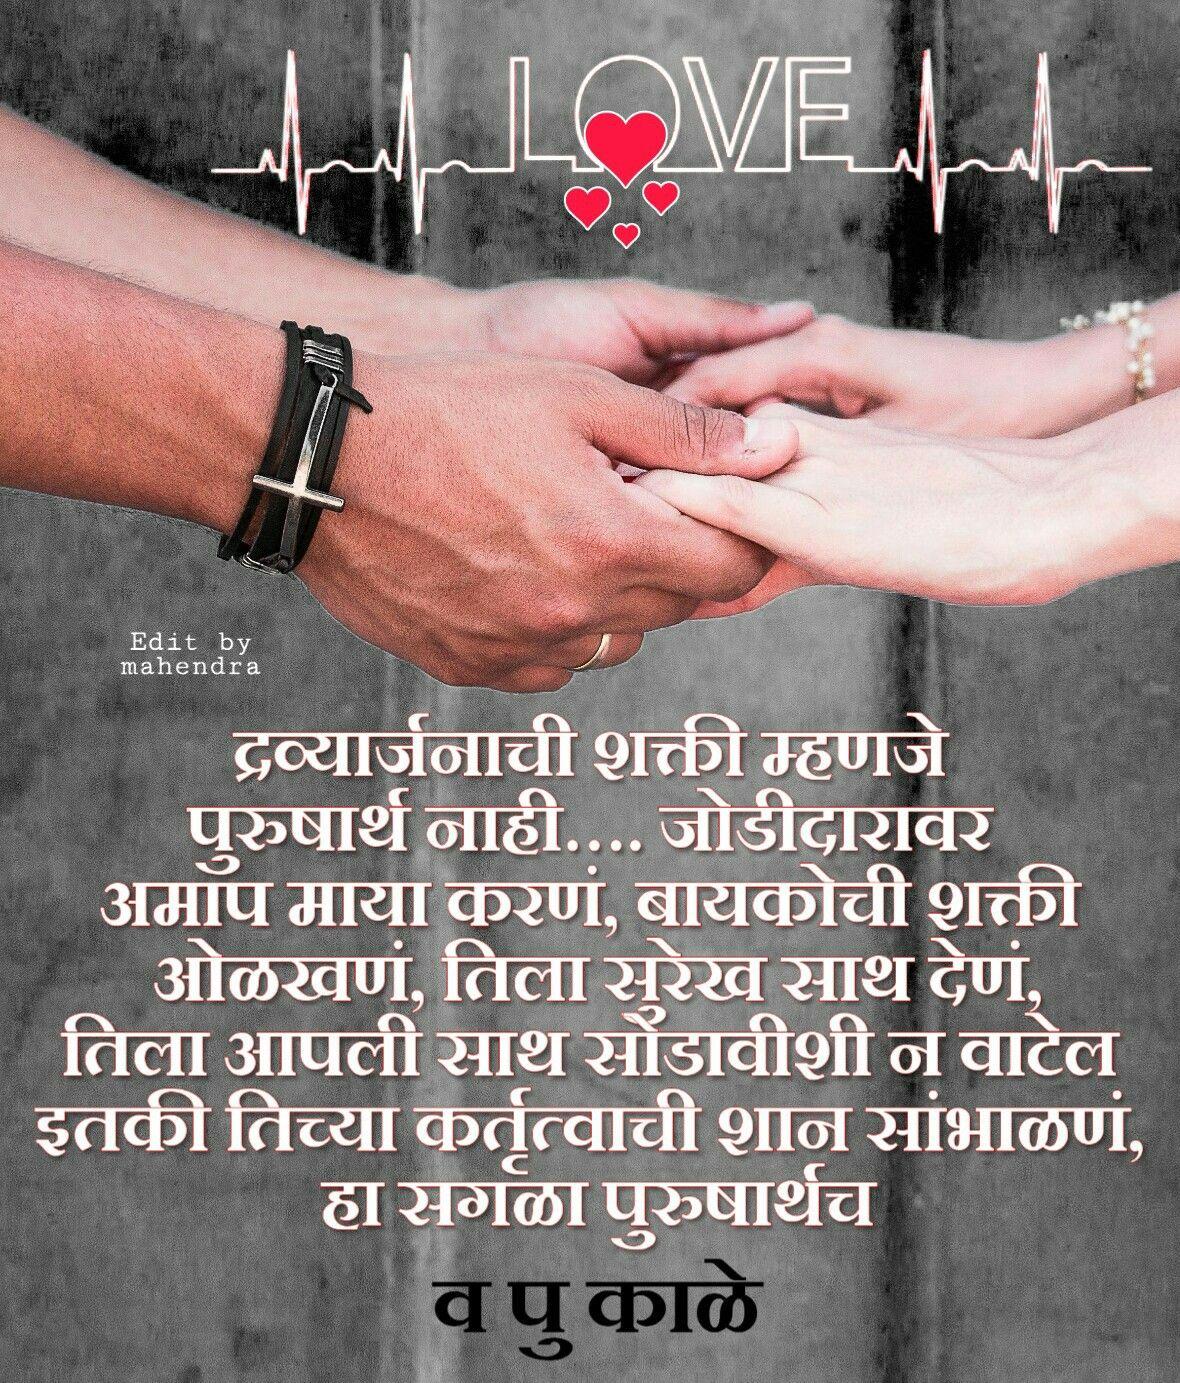 Pin by KD on Marathi Marathi love quotes, Marathi quotes